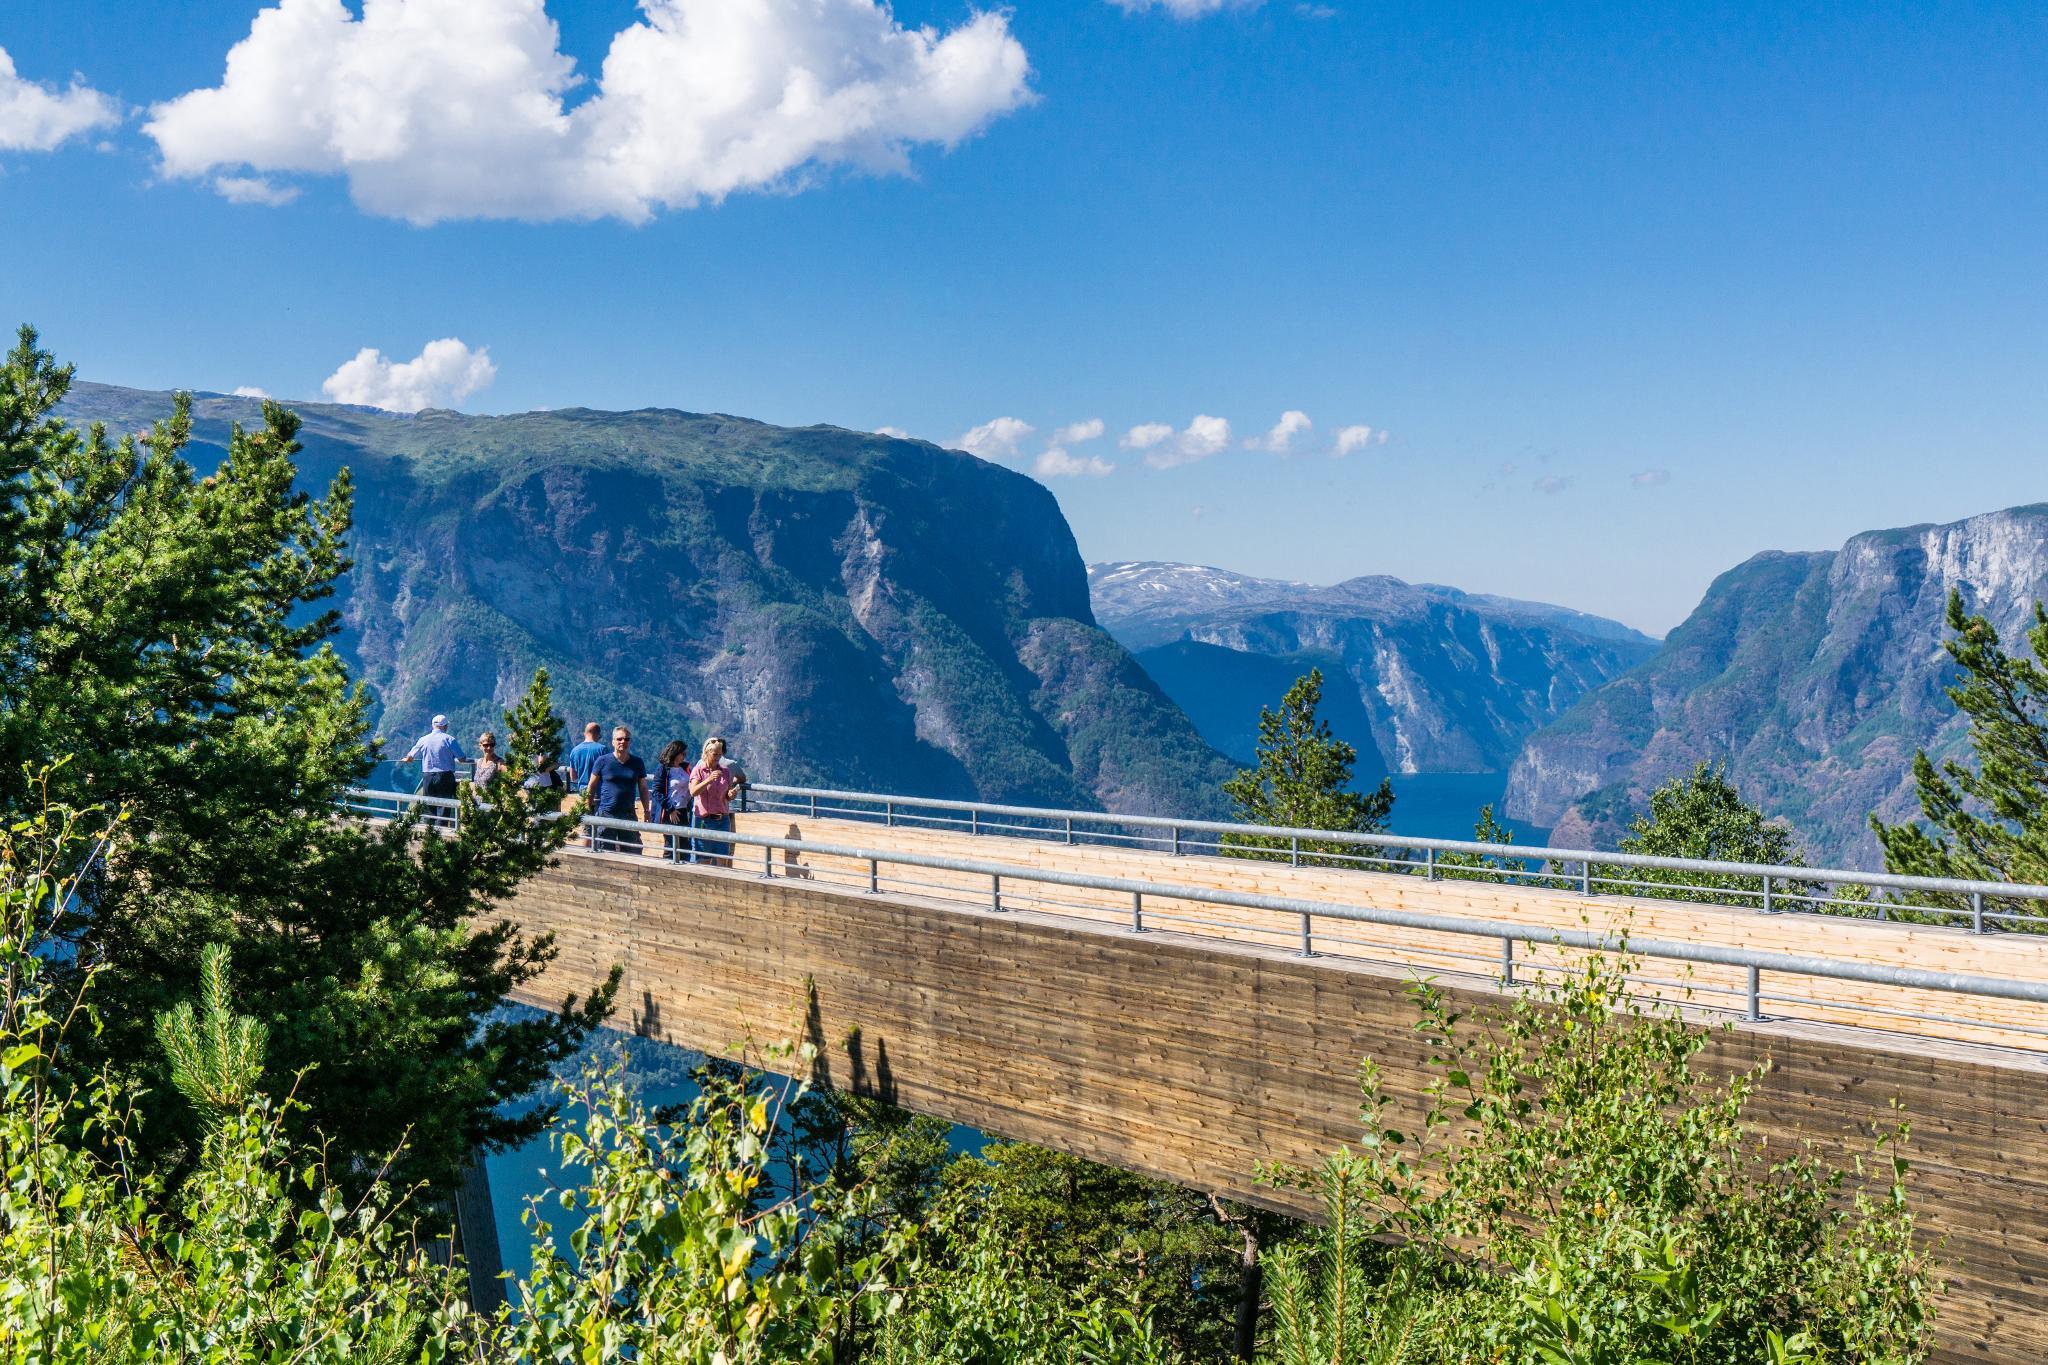 【北歐景點】世界最美景觀公路 - 俯瞰挪威松恩峽灣的 Fv243 雪之路 (Aurlandsfjellet) 27